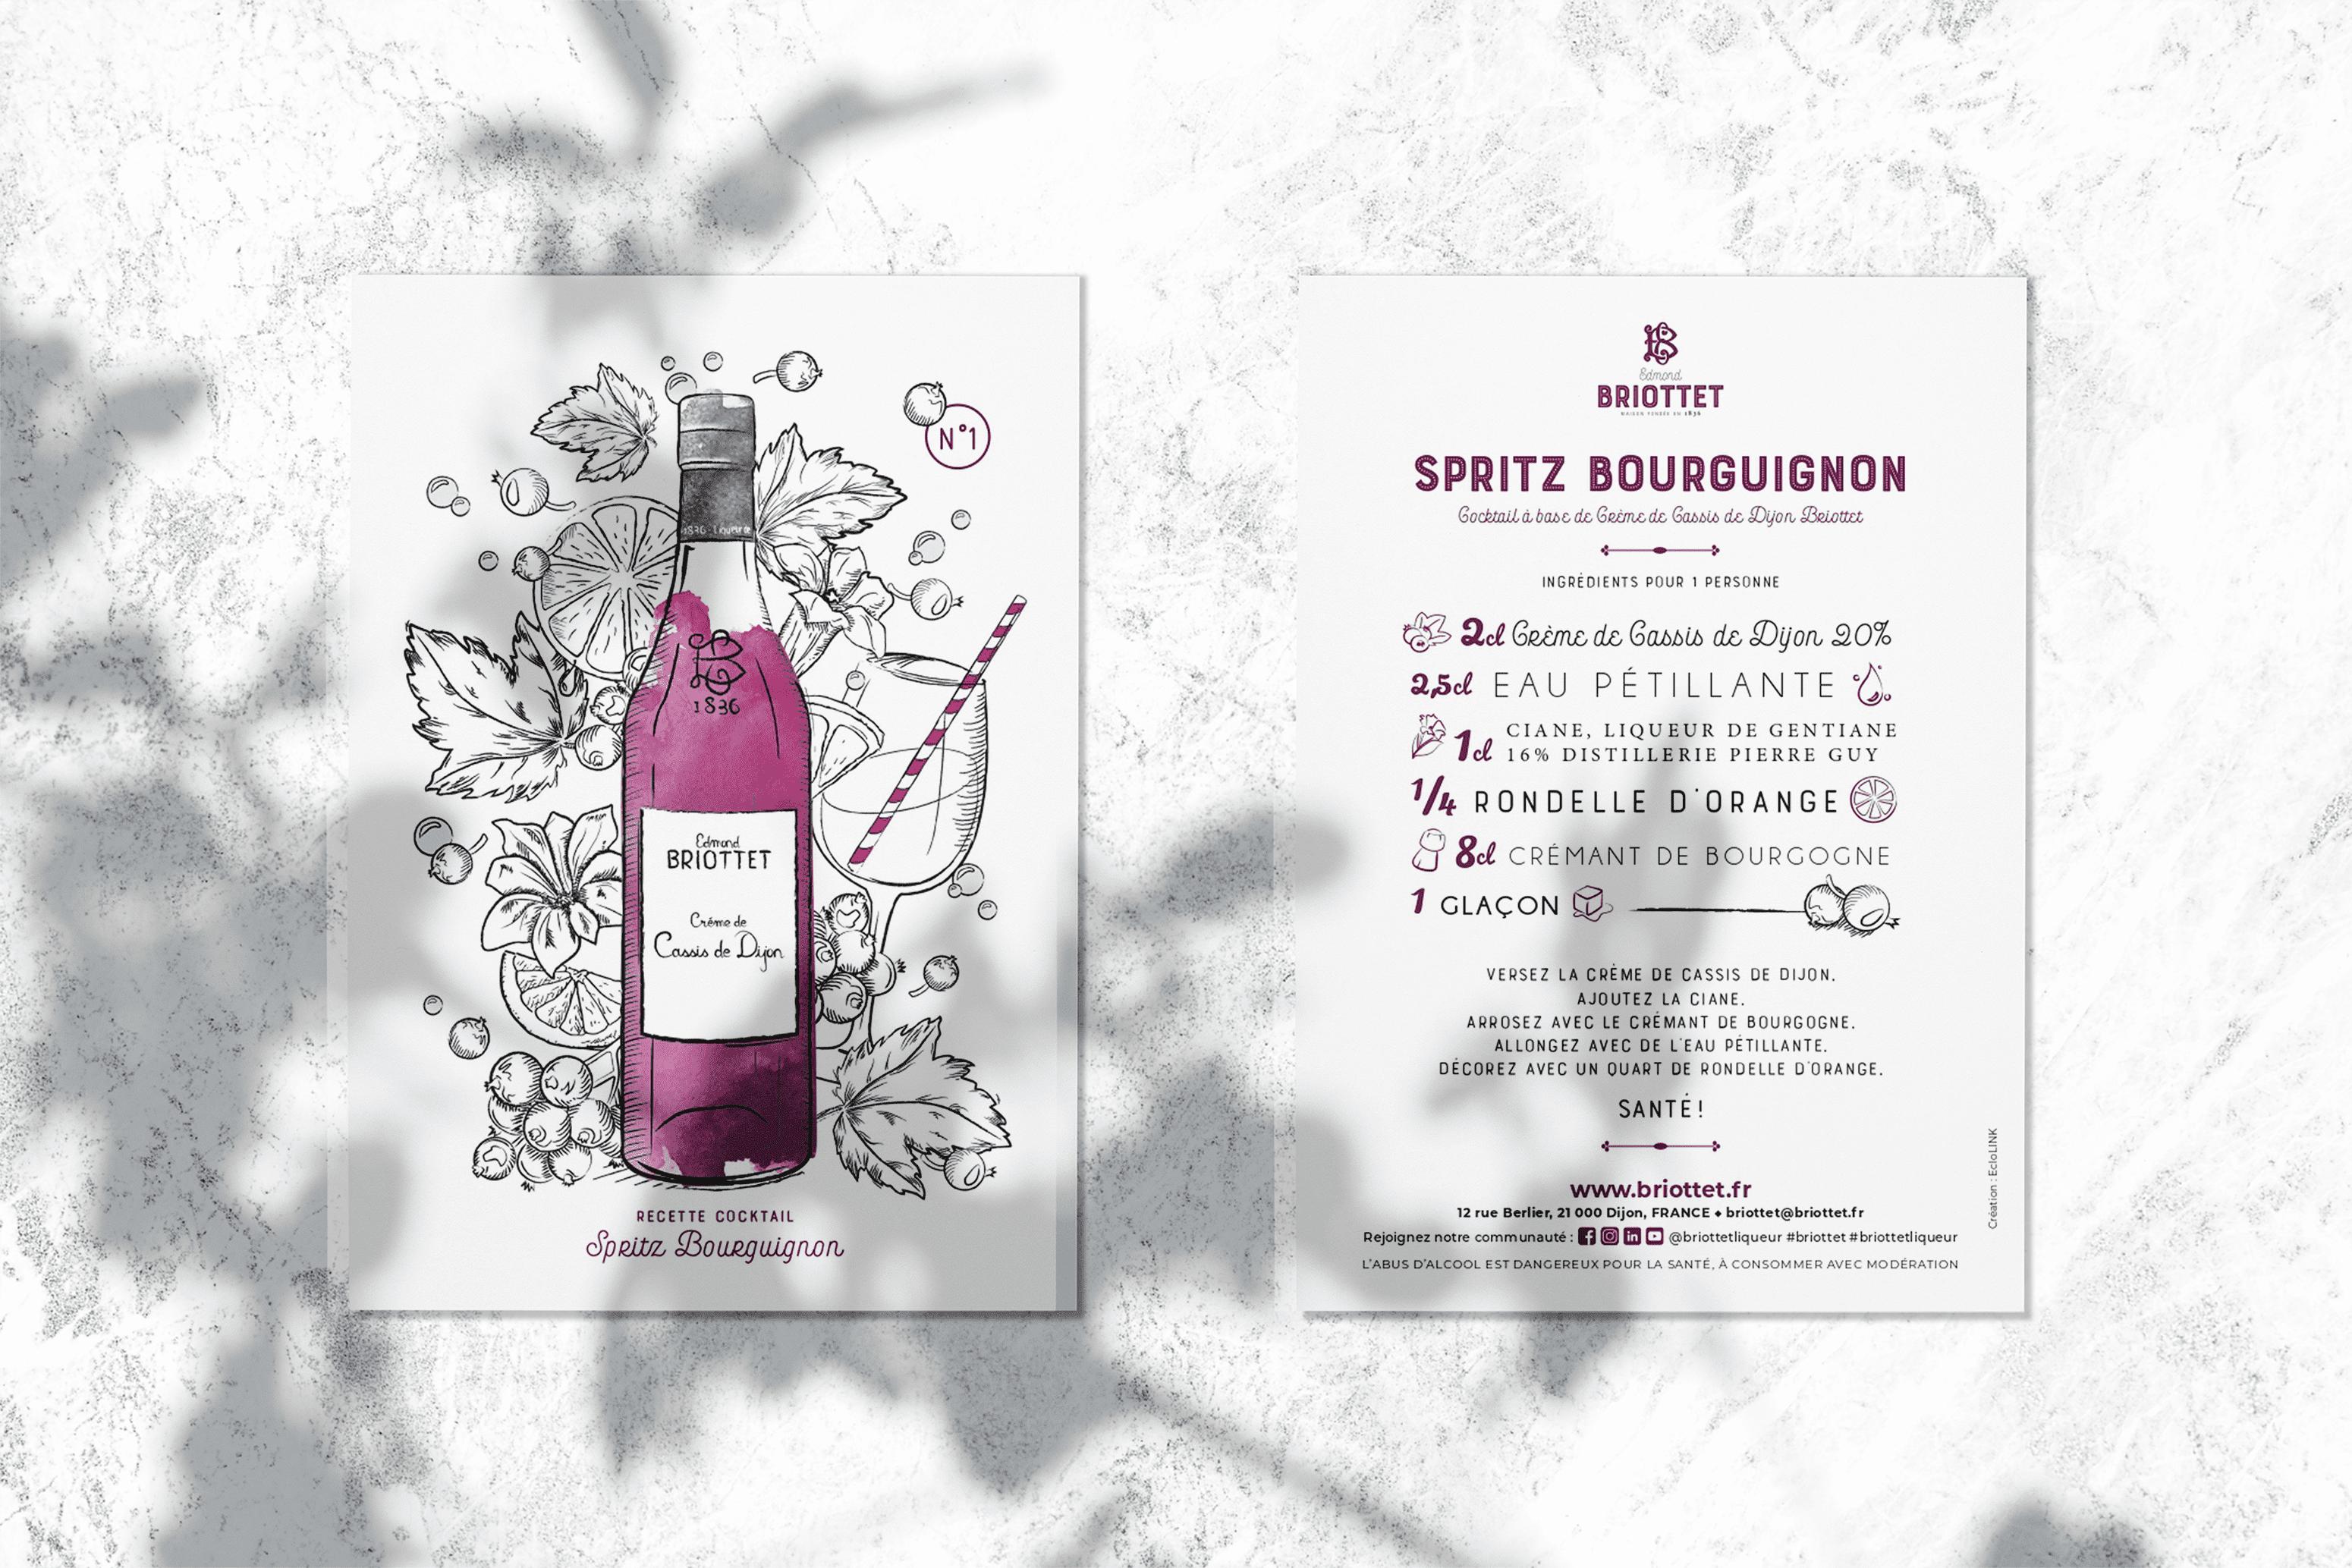 Collection cartes recettes Briottet N°1 Spritz Bourguignon Crème de Cassis de Dijon